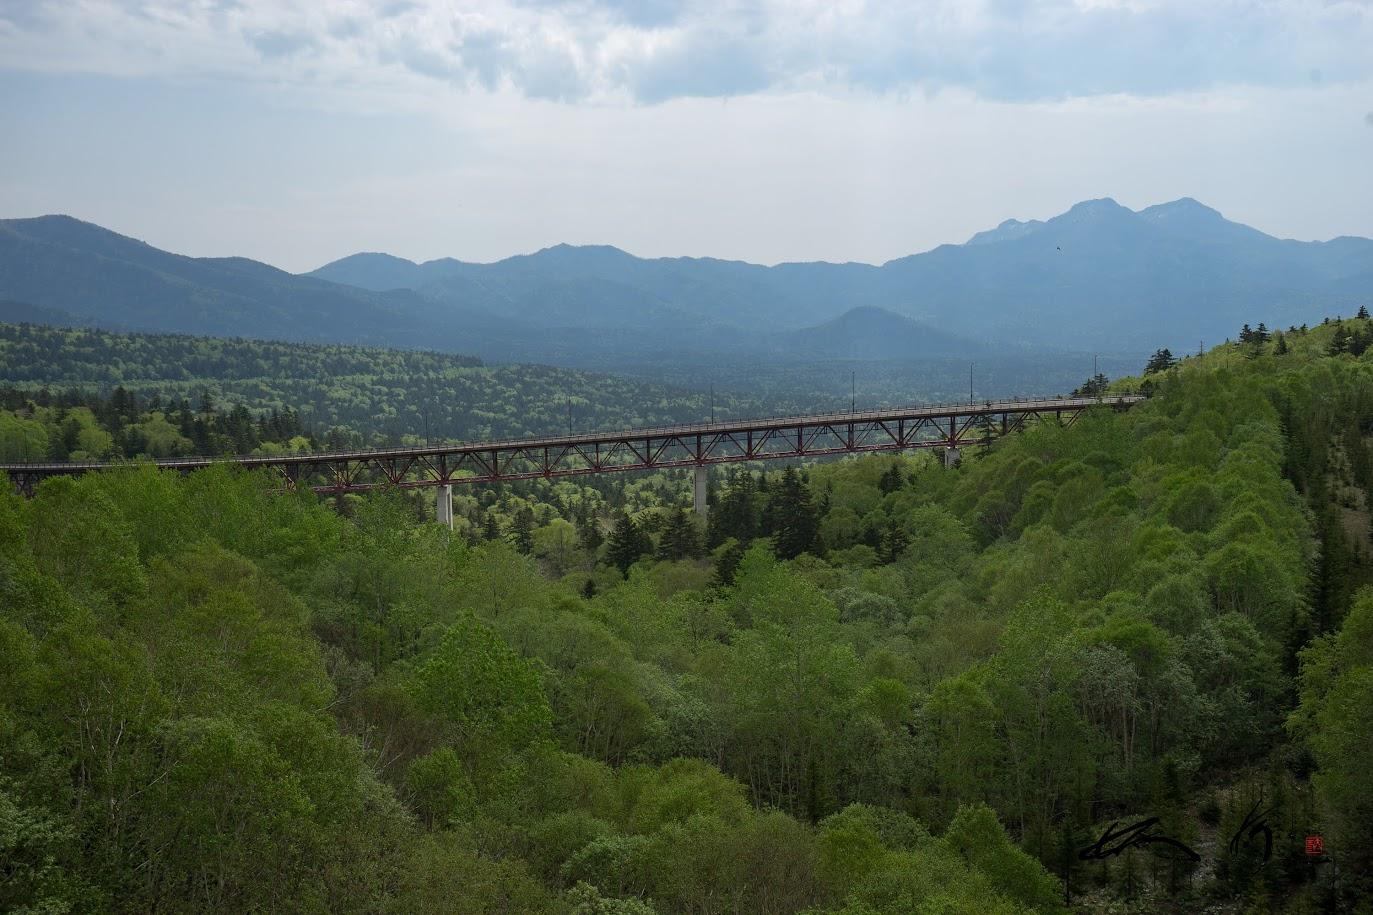 松見大橋の巨大アーチ